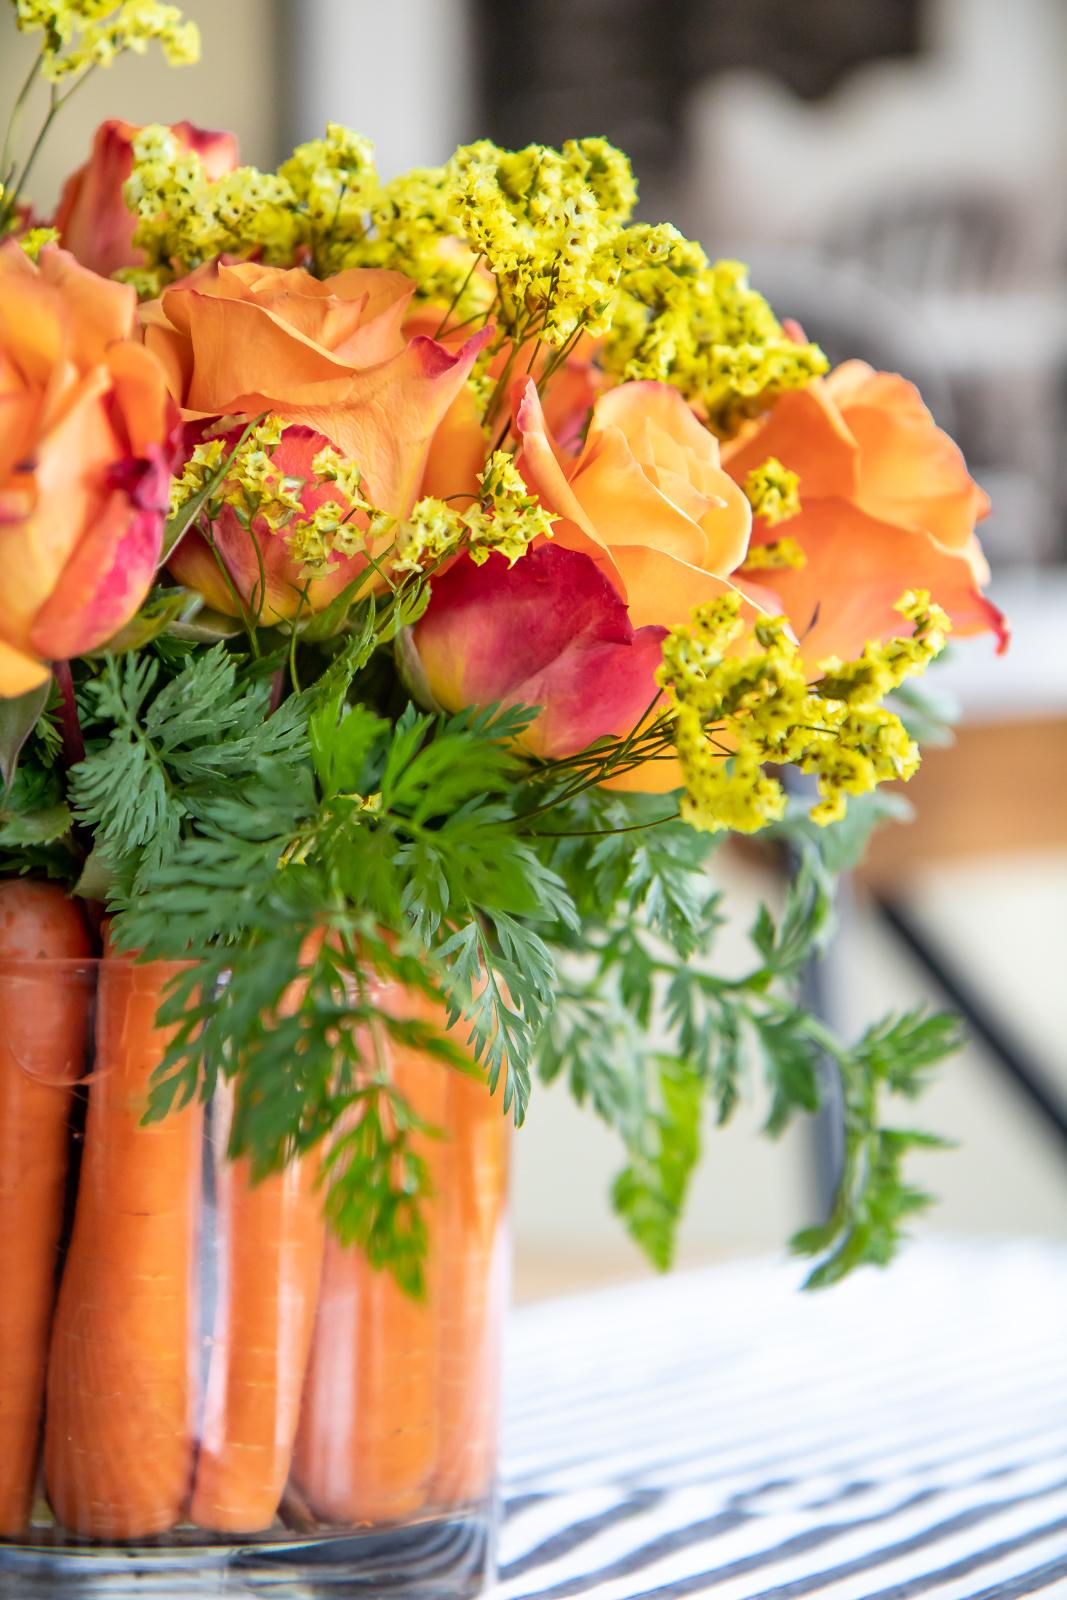 Spring time flower arrangements